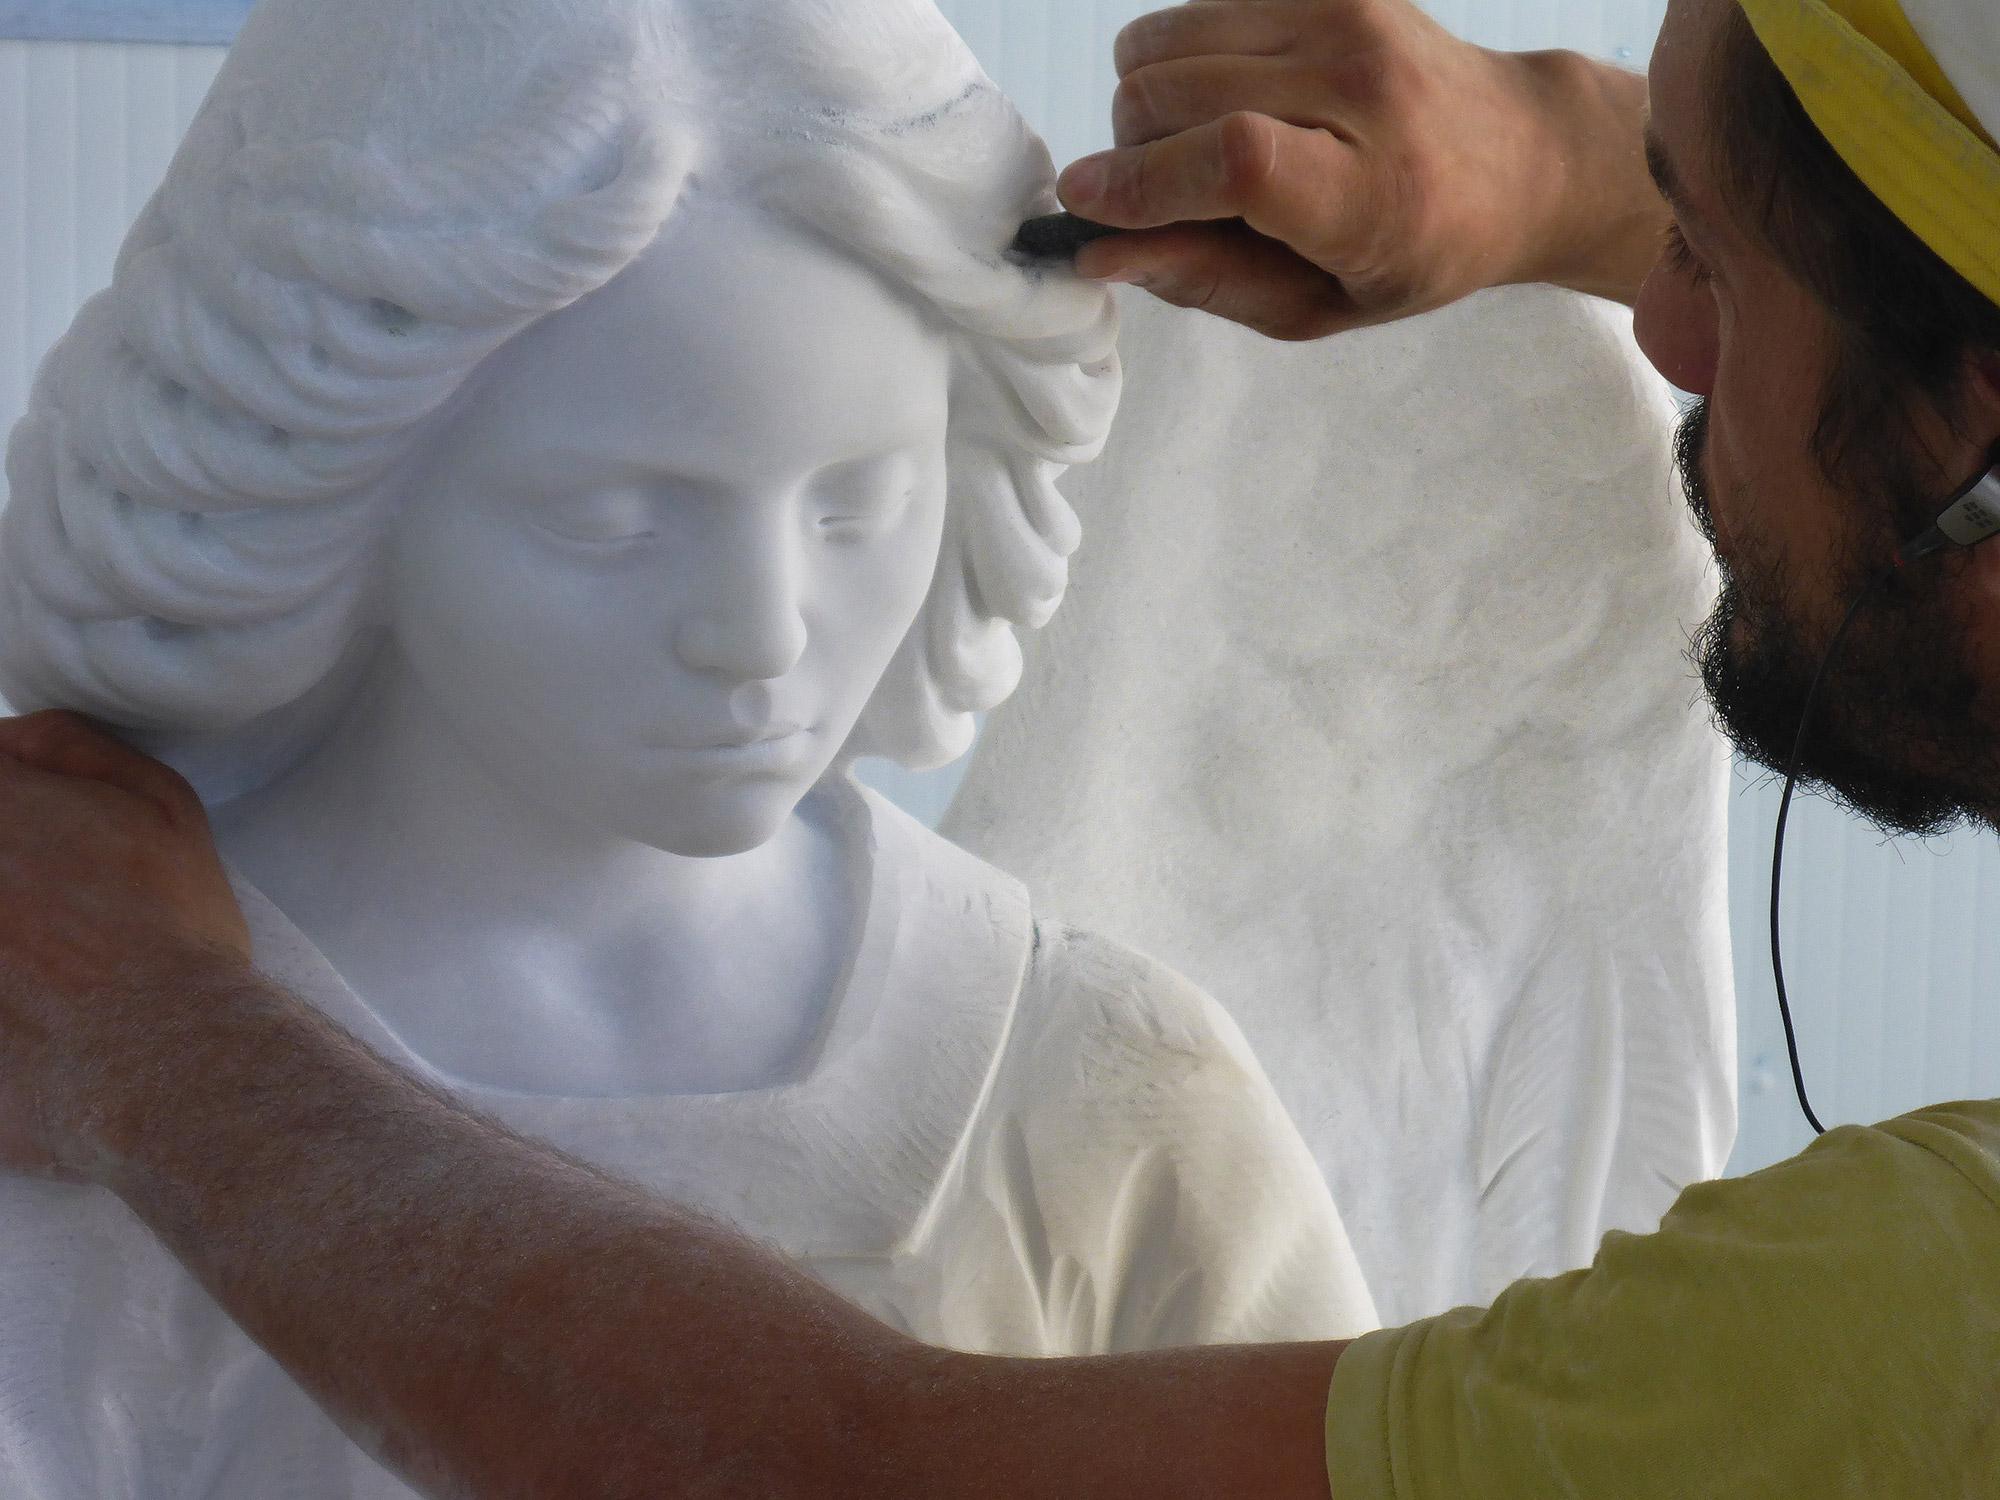 Tuscany-Study-Marble-Angel-Sculpture-Alessandro-Lombardo.jpg